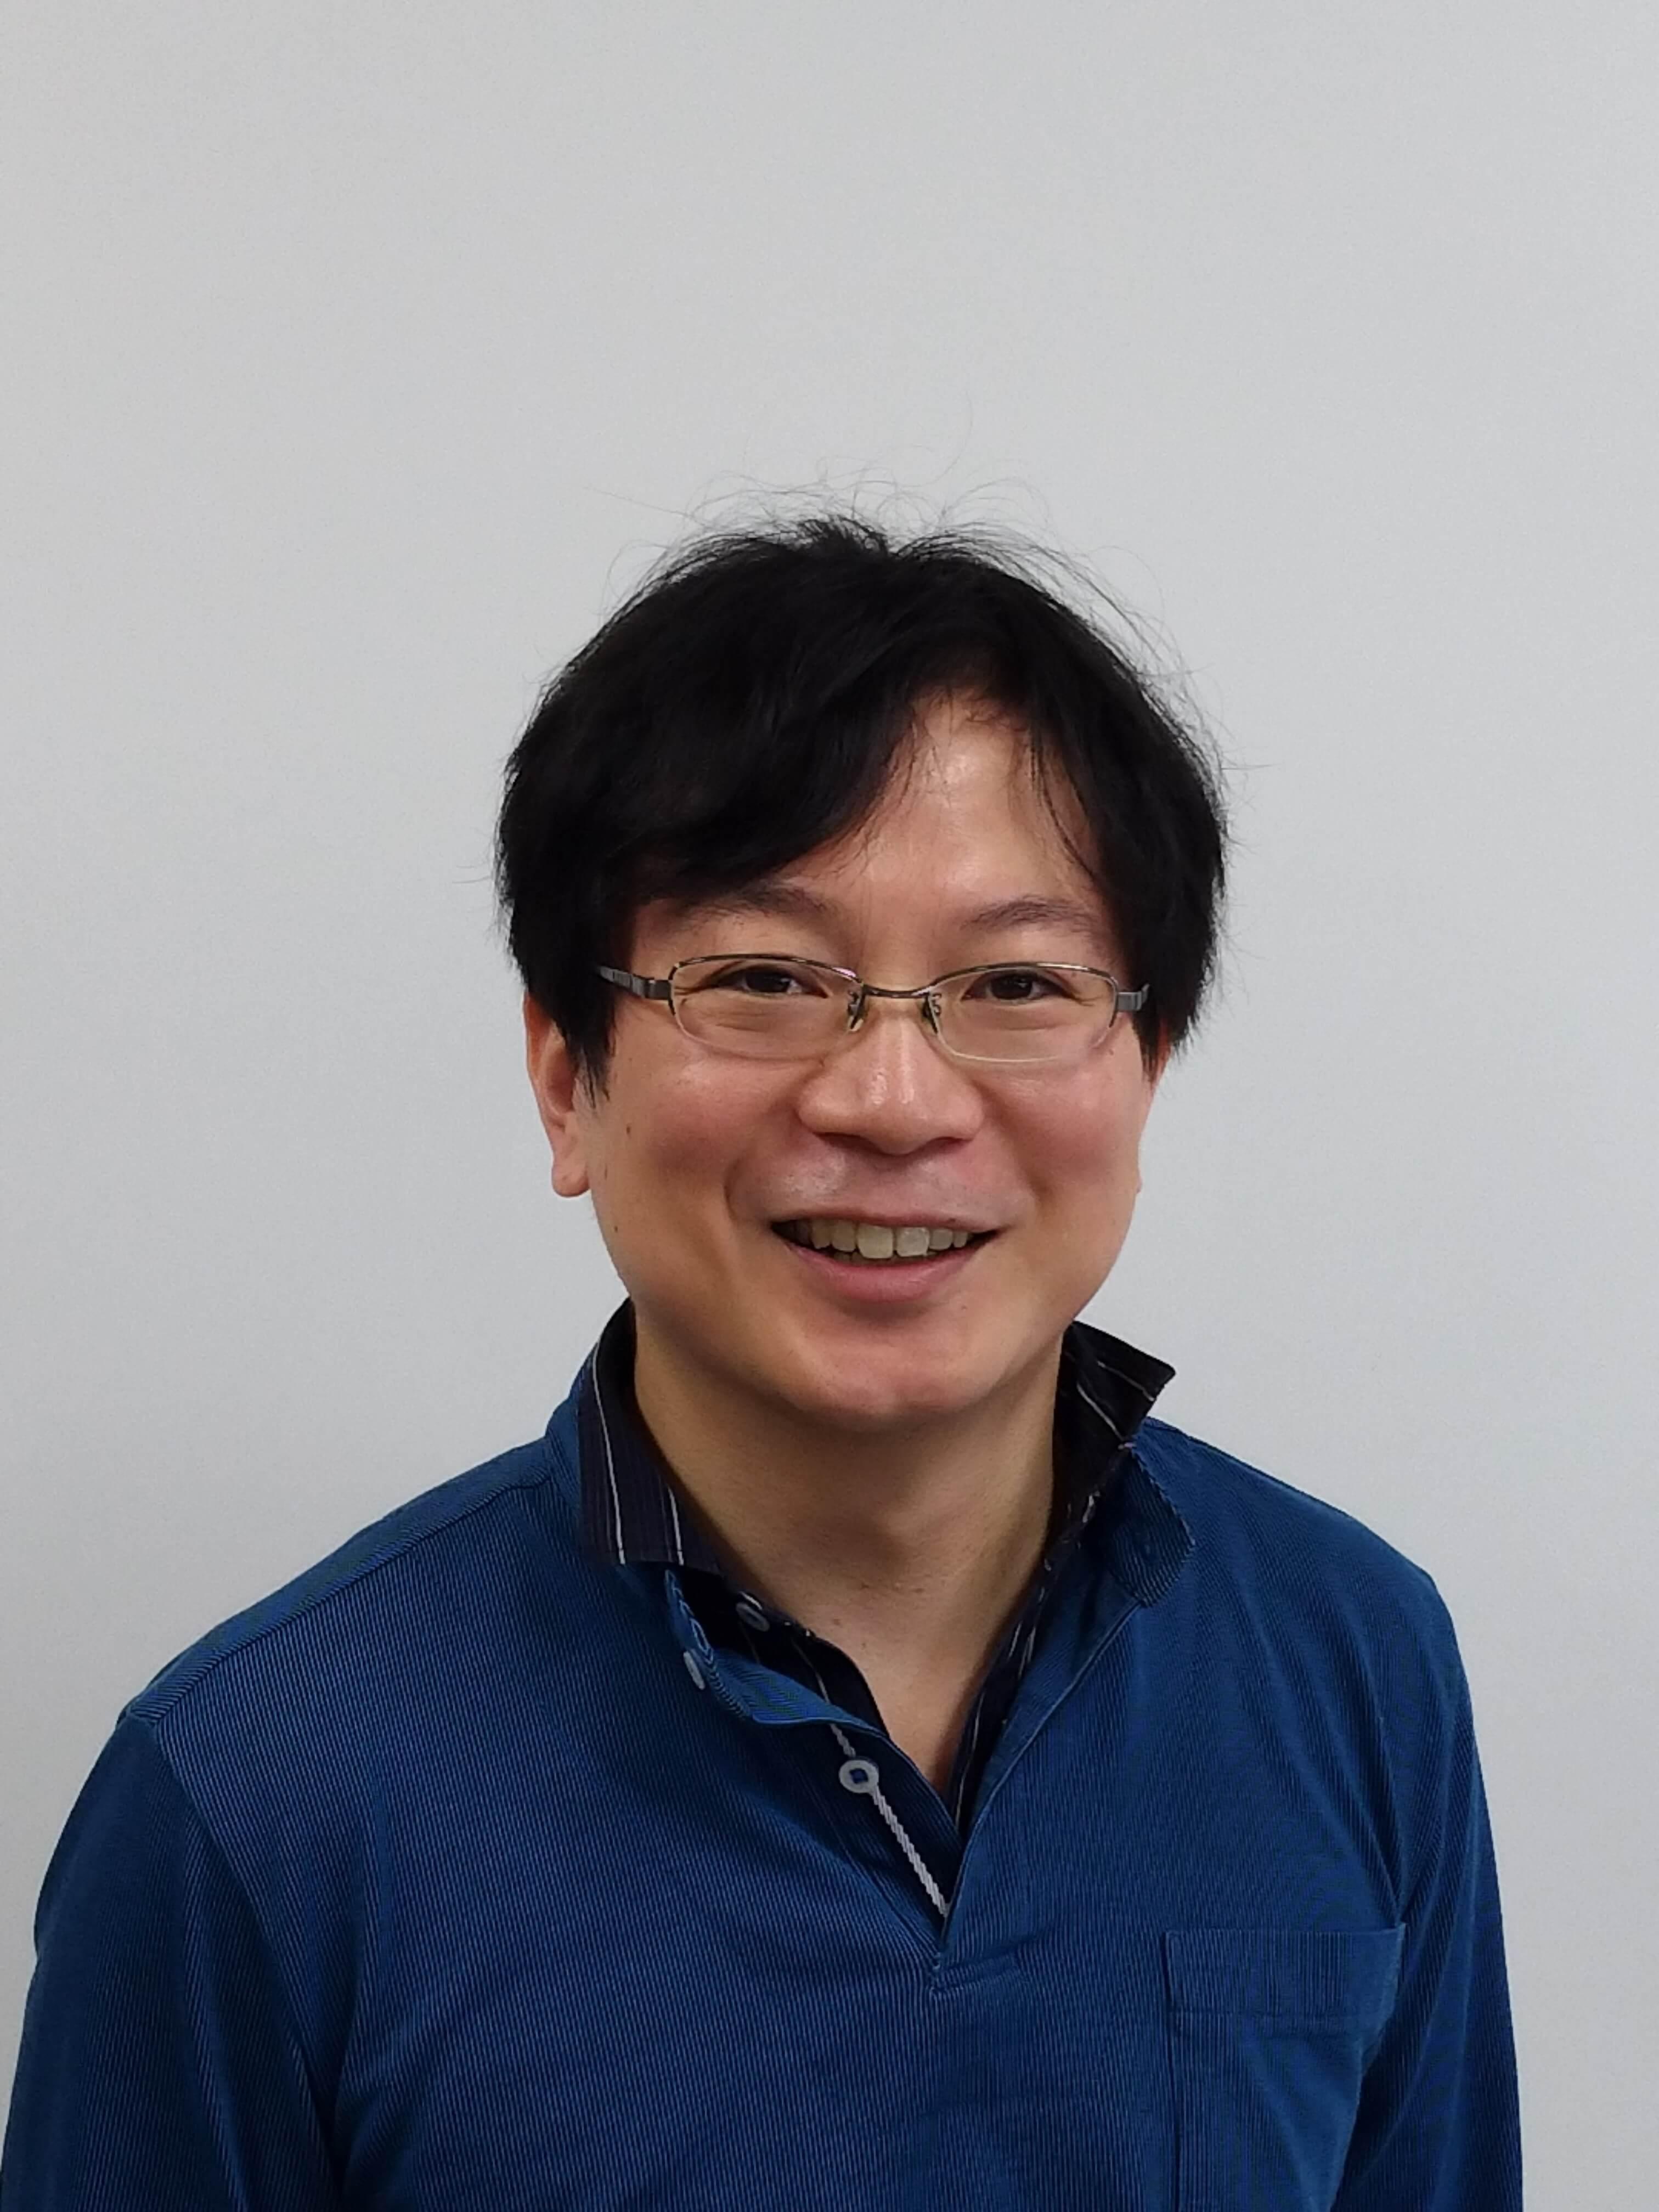 Ken Natsuga, MD, PhD